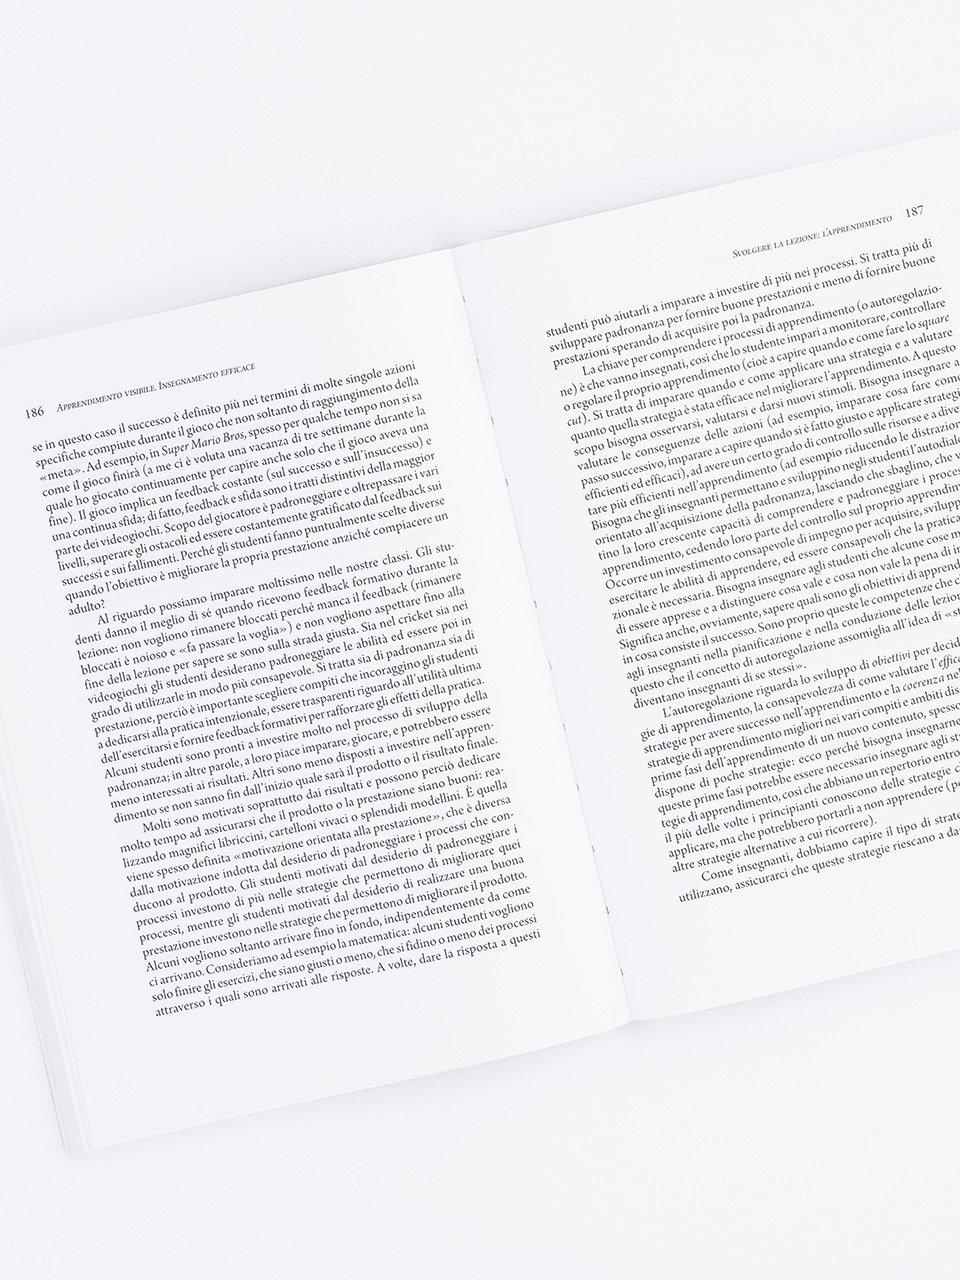 Apprendimento visibile, insegnamento efficace - Libri - Erickson 2